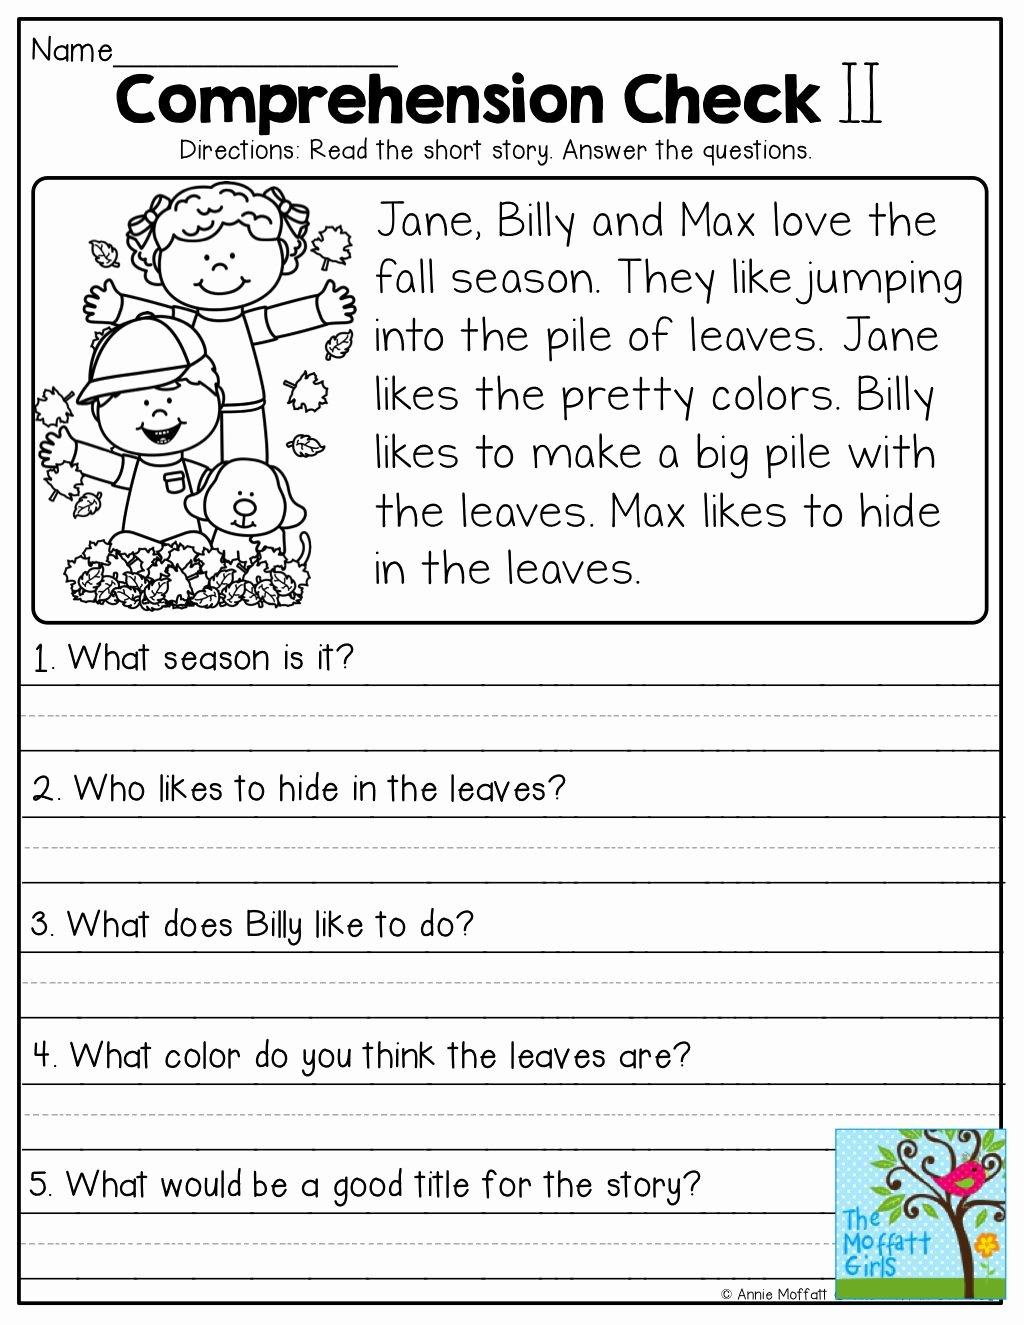 Free 1st Grade Comprehension Worksheets New Worksheet Worksheet Short Stories for 1st Graders with